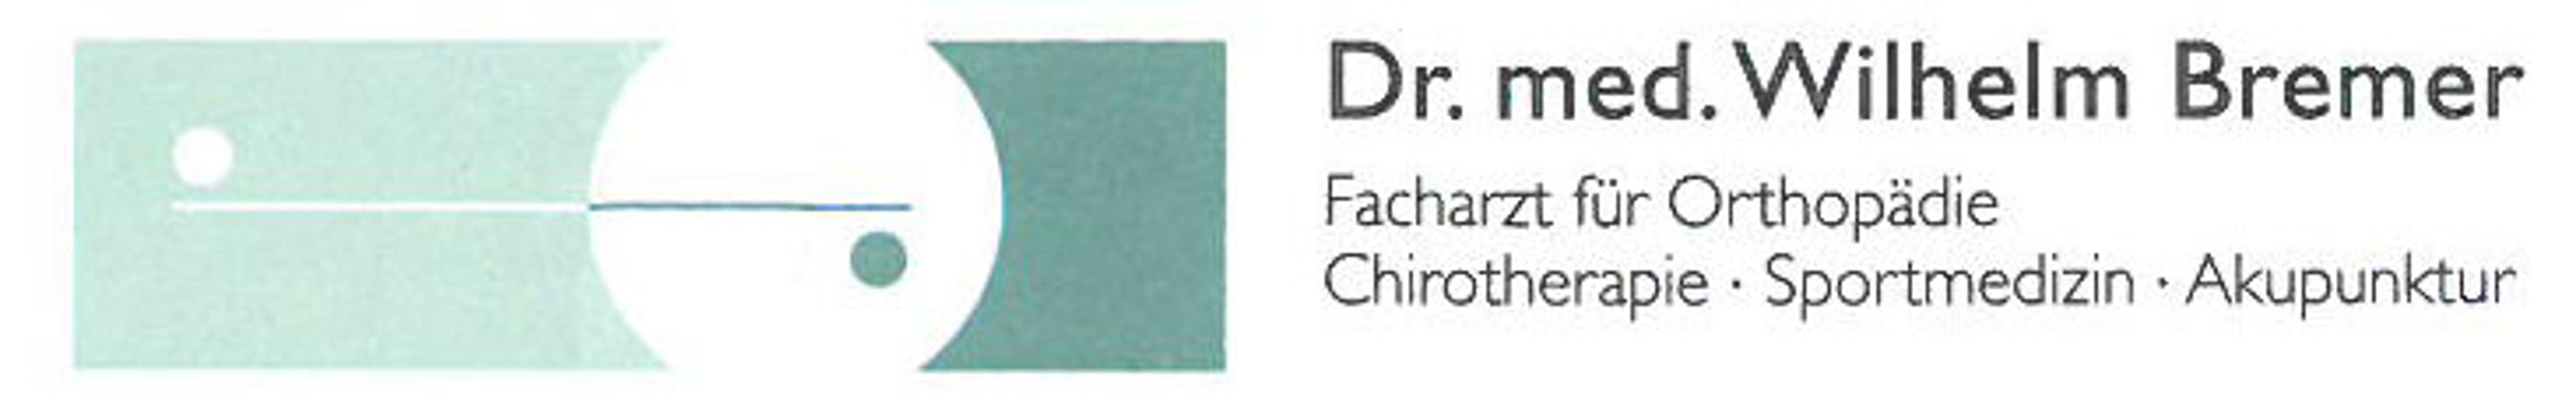 Bild zu Dr. med. Wilhelm Bremer Facharzt für Orthopädie in Bad Soden am Taunus